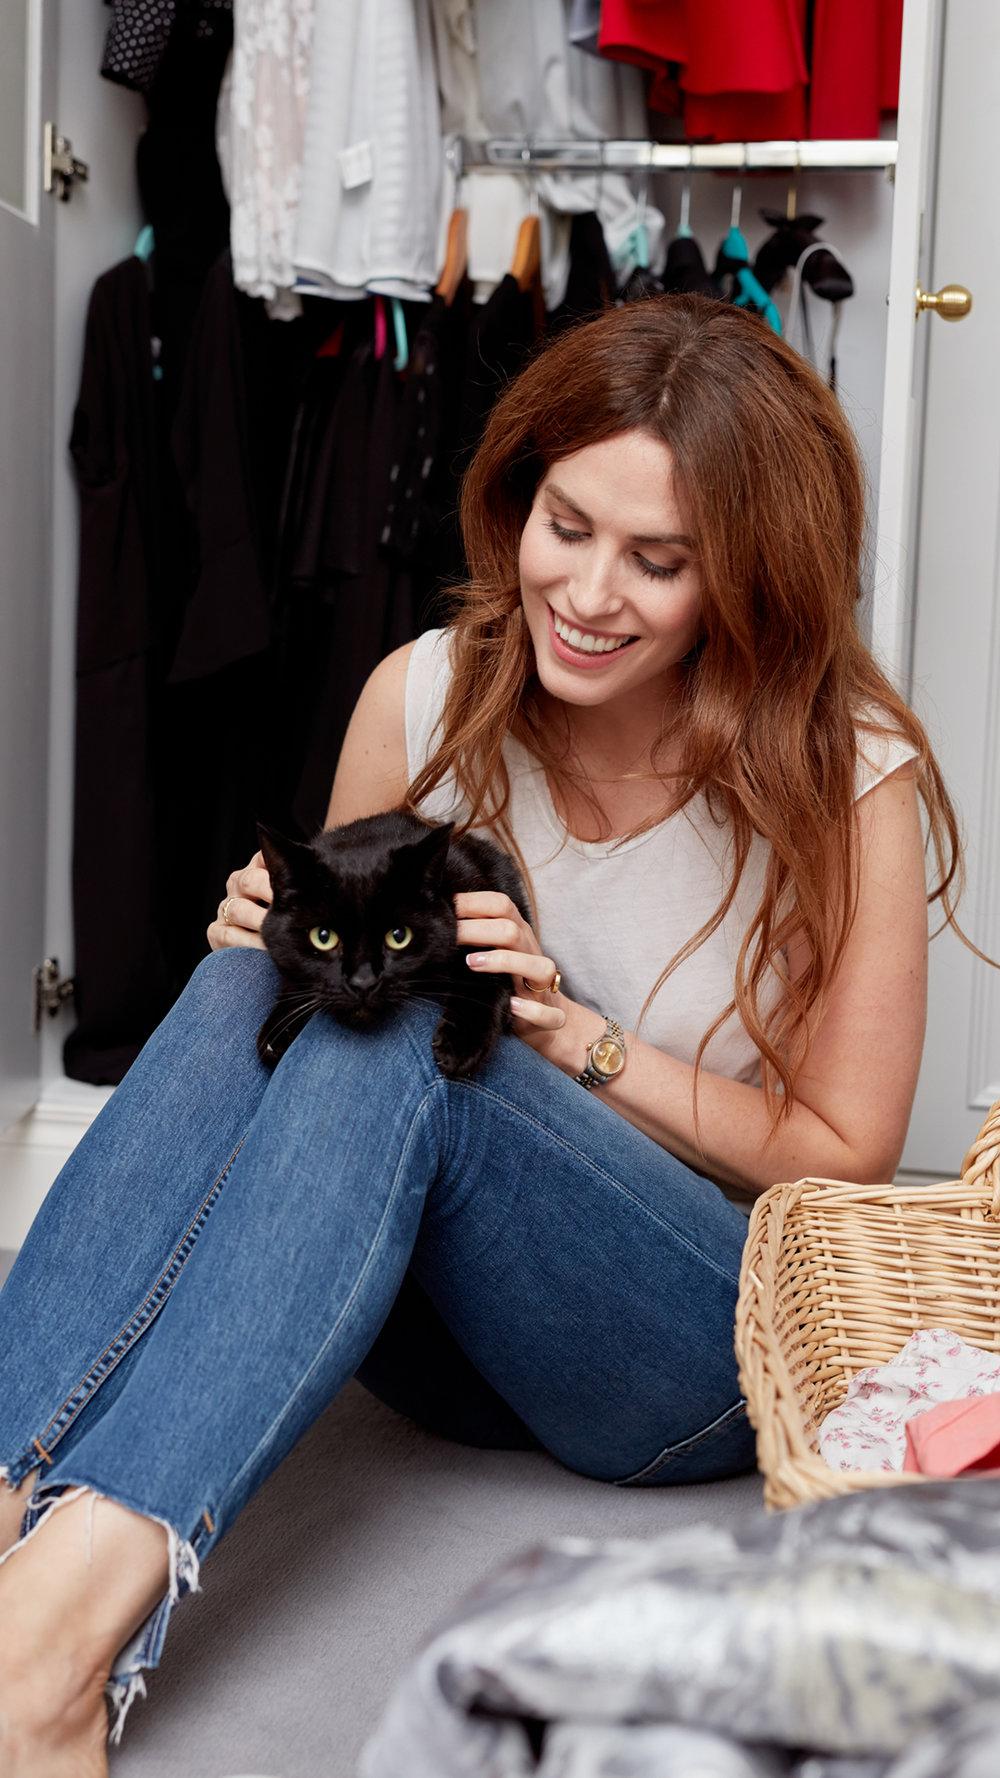 Holly white, Tom Cat, Black Cat, Dublin